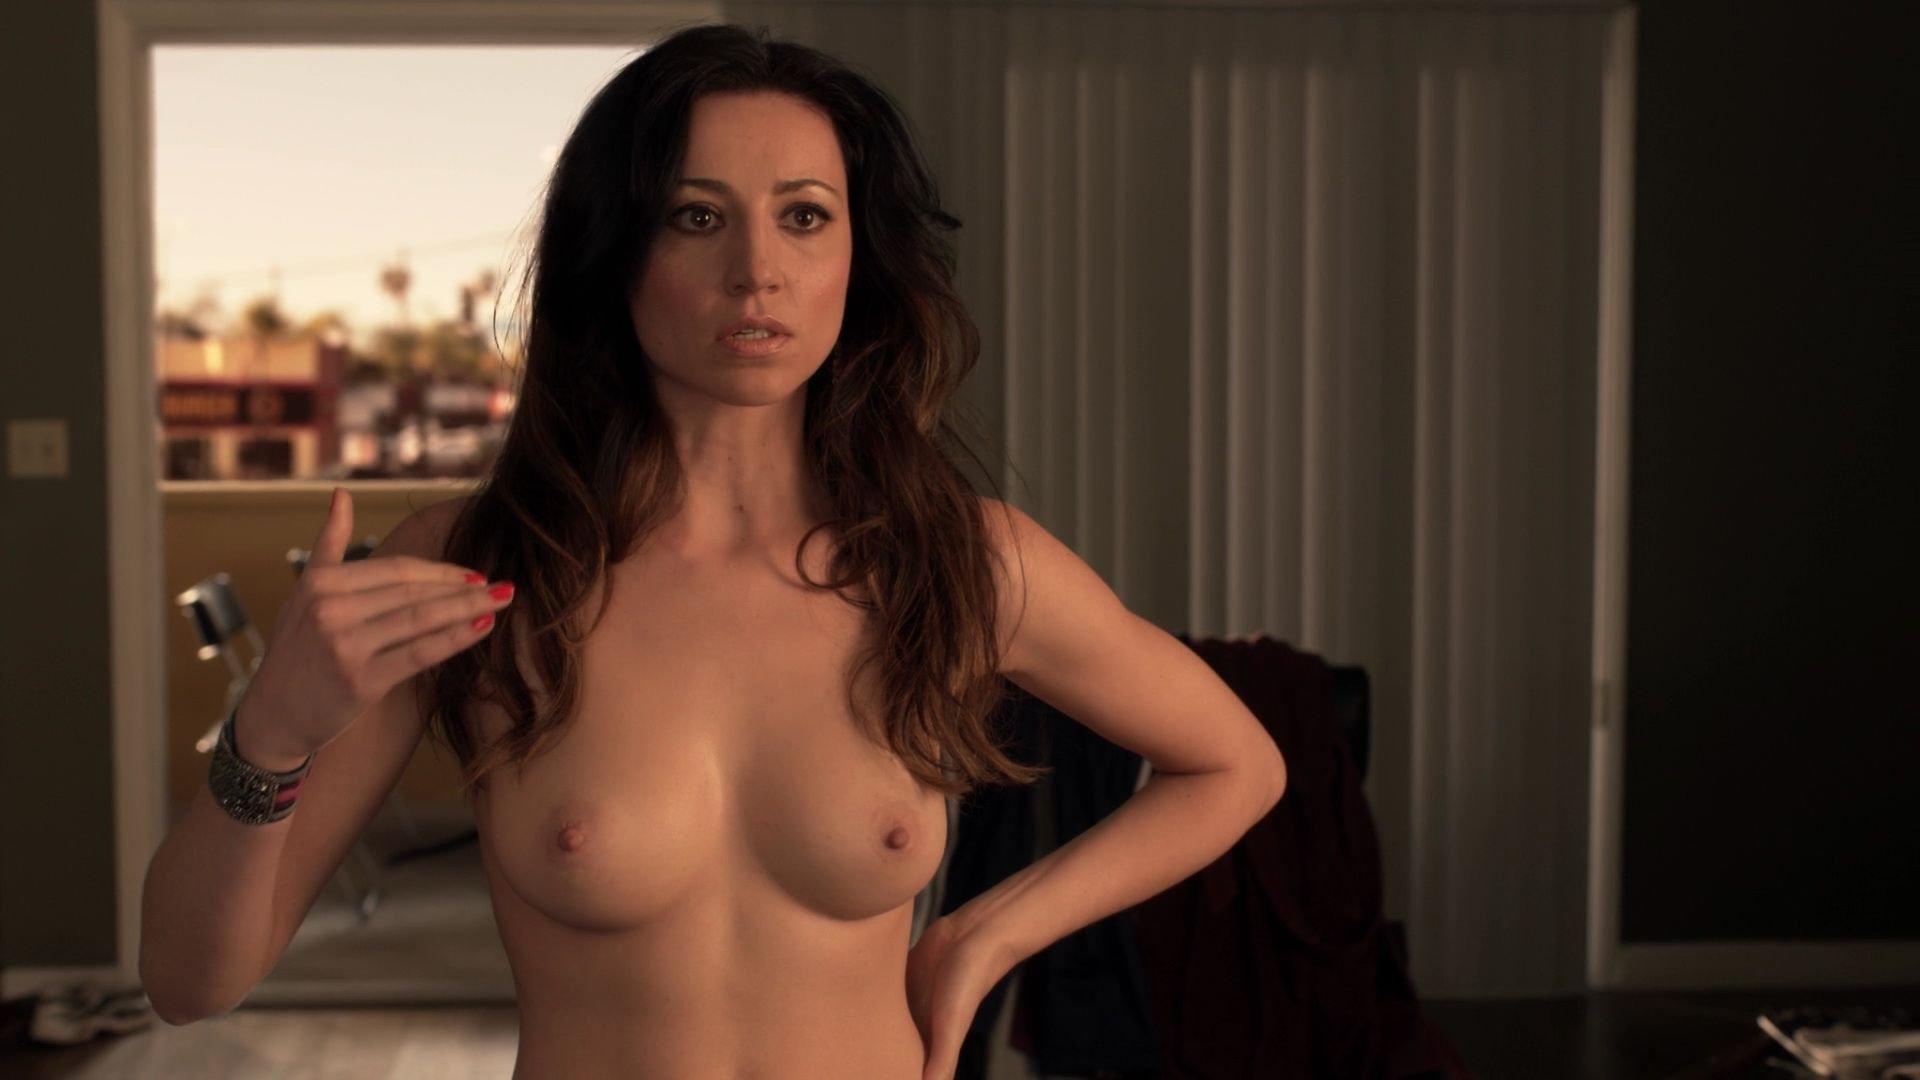 Heather williams nude